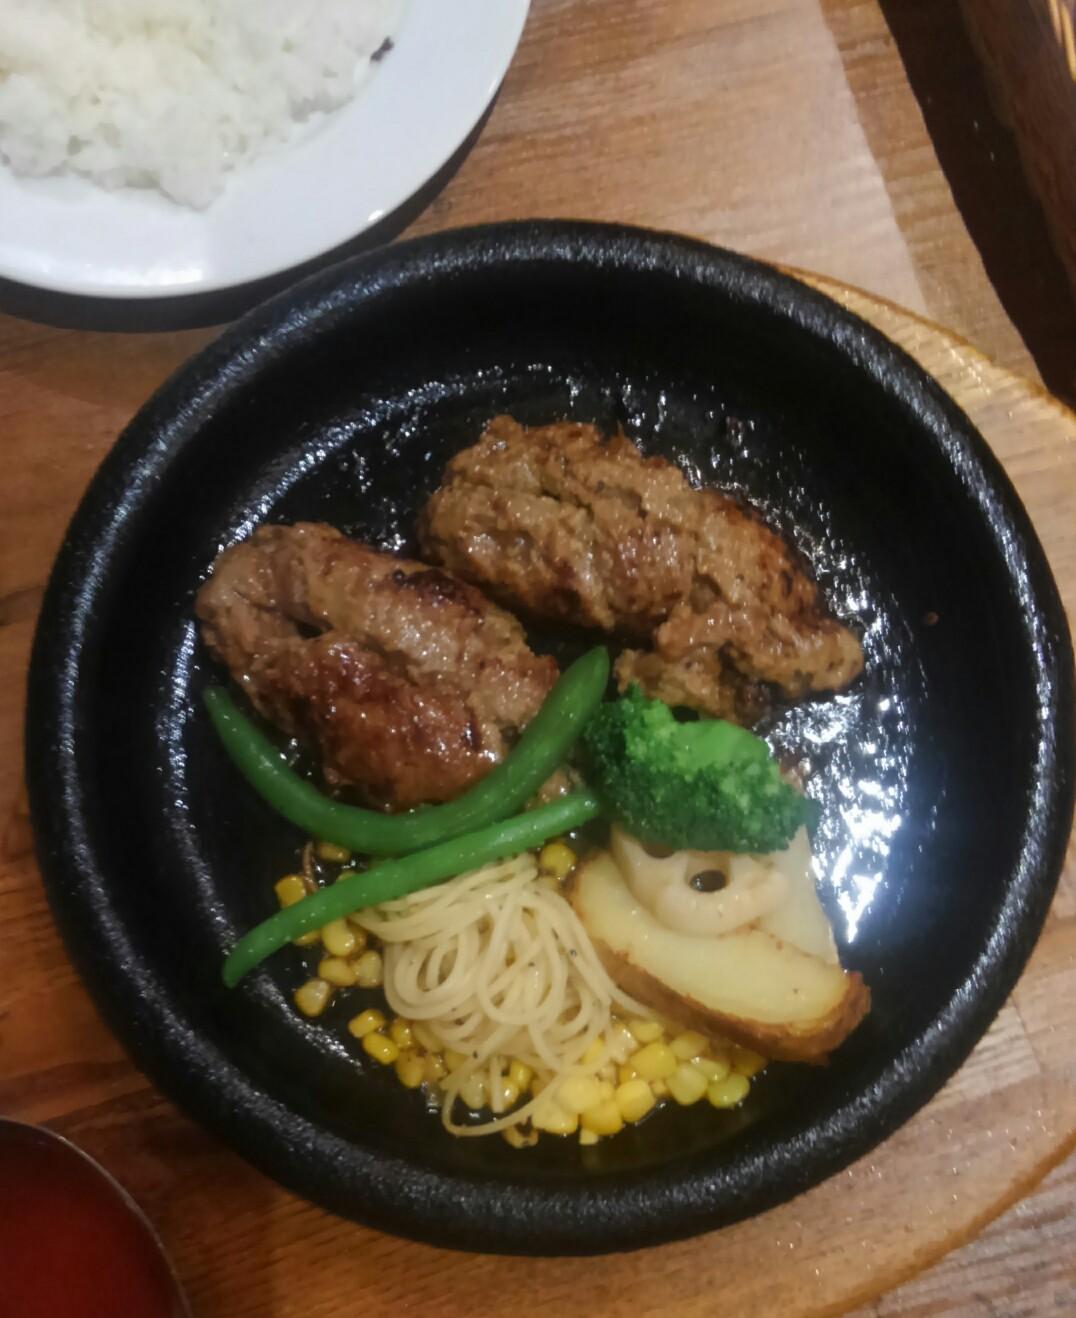 ☆新栄町でトロトロなハンバーグを発見しました!☆